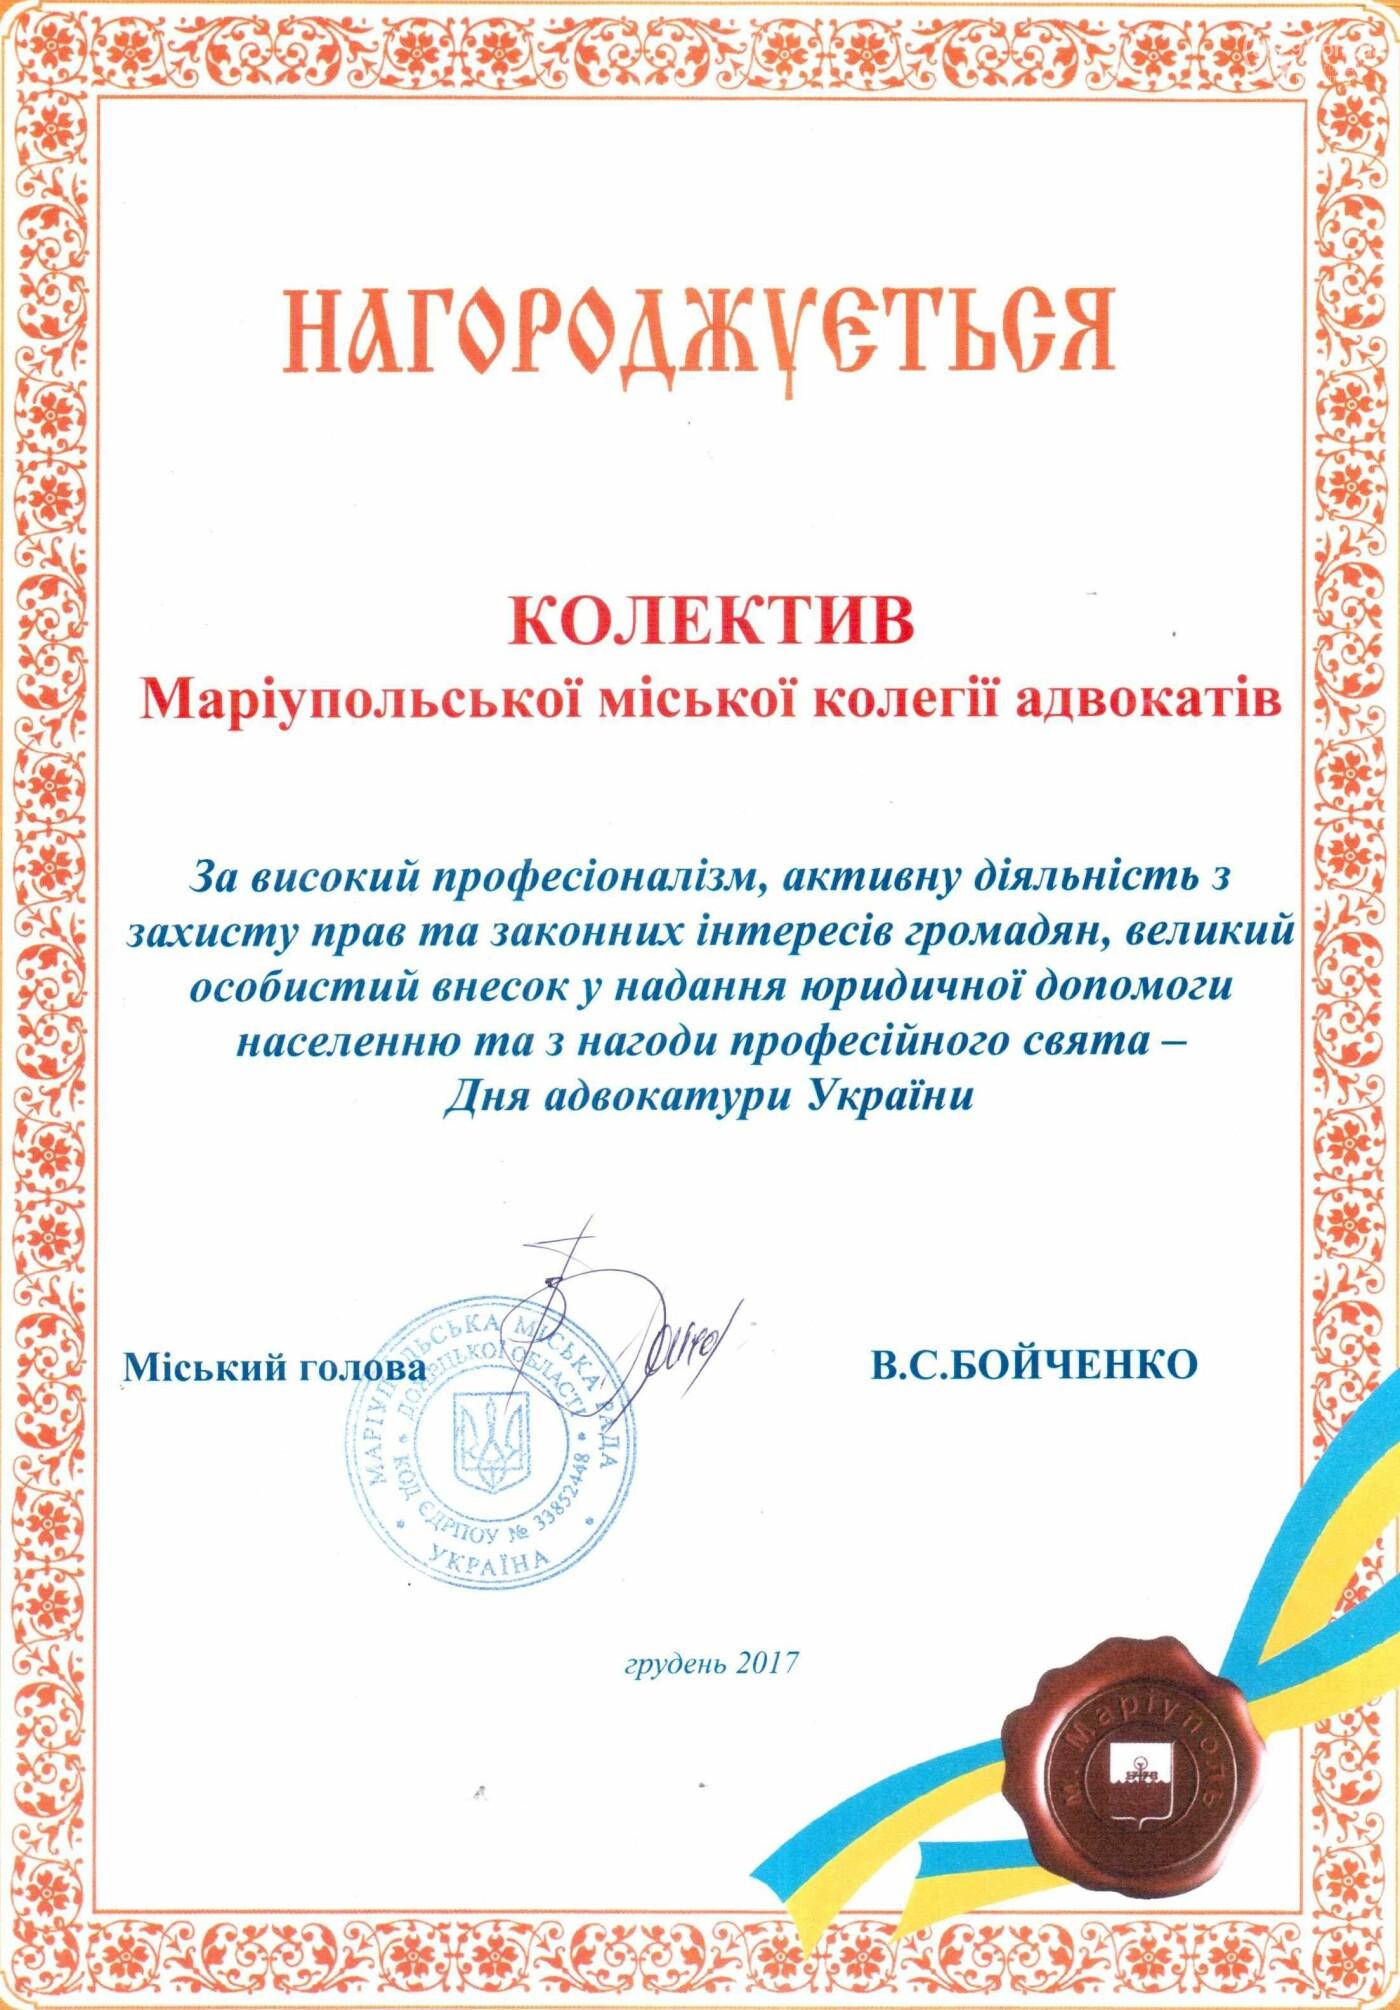 Мариупольская городская коллегия адвокатов принимает  поздравления с 25-летием!!!, фото-6